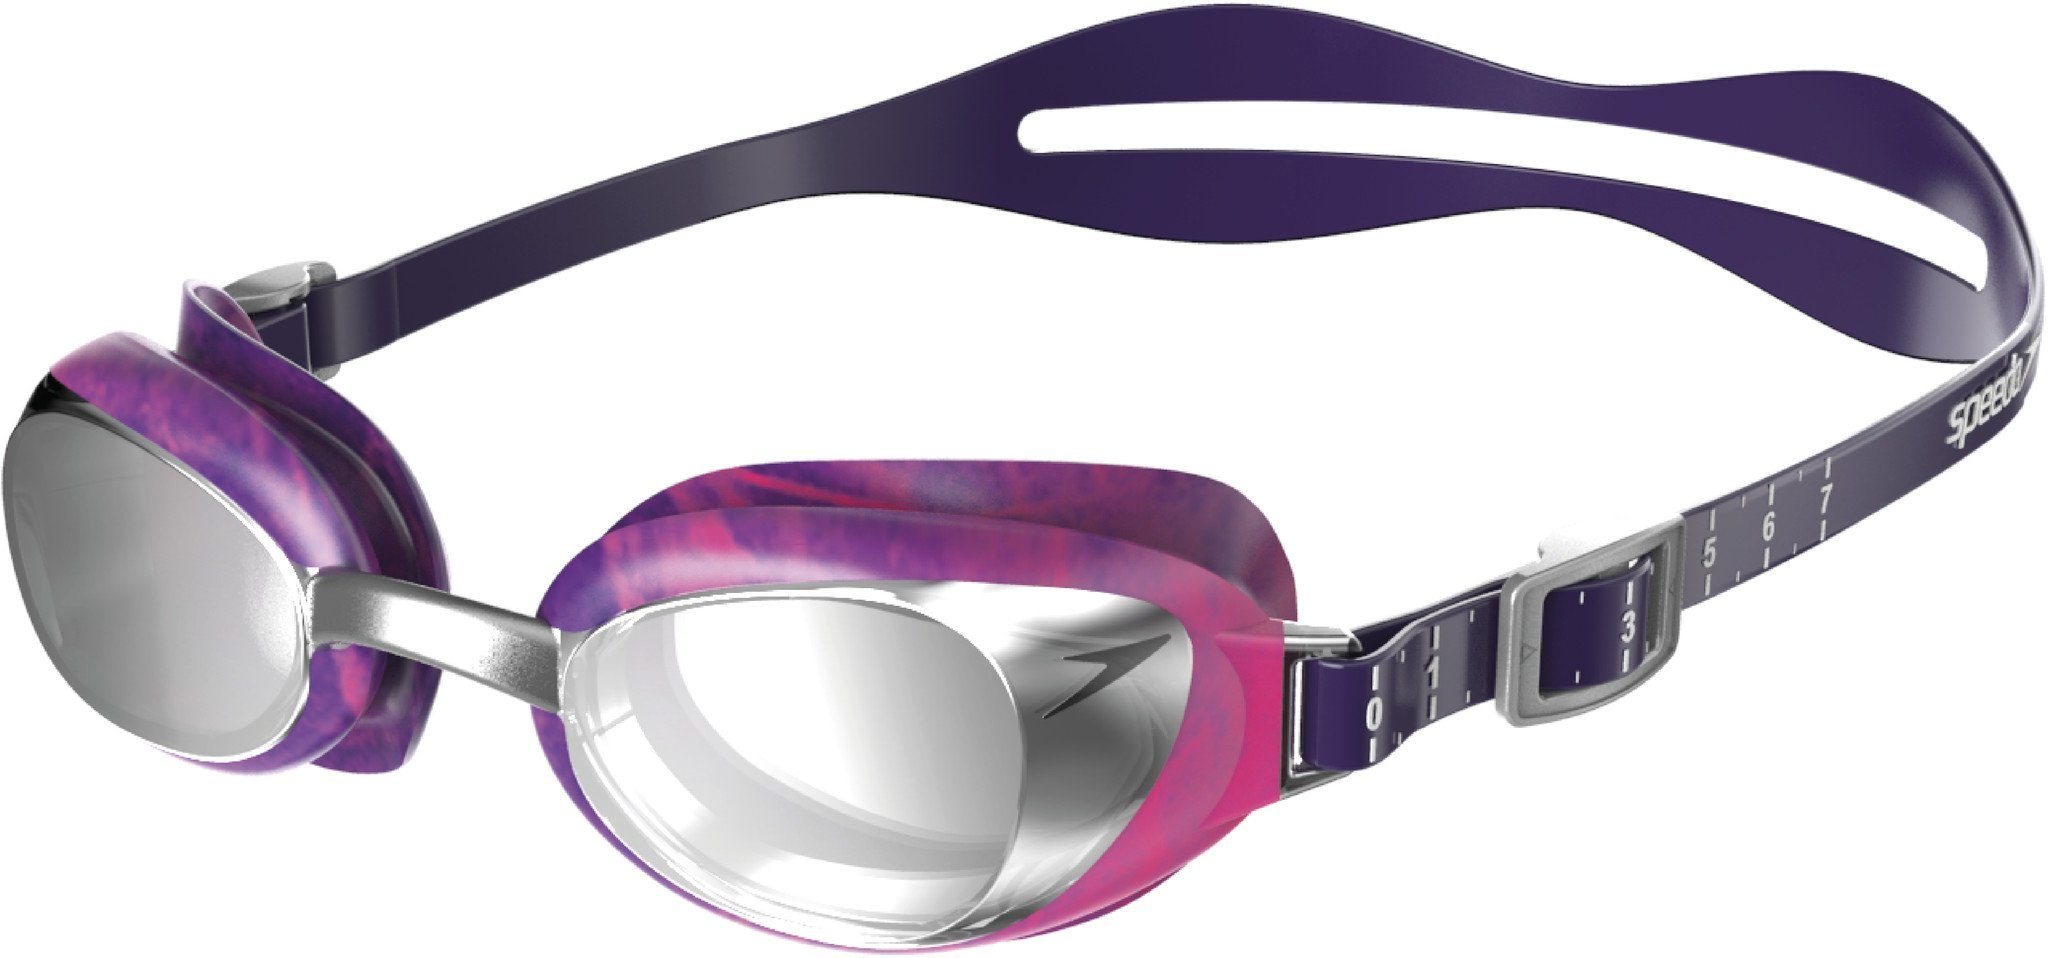 Speedo Schwimmsportzubehör »Aquapure Max Mirror V2 Goggles Women«